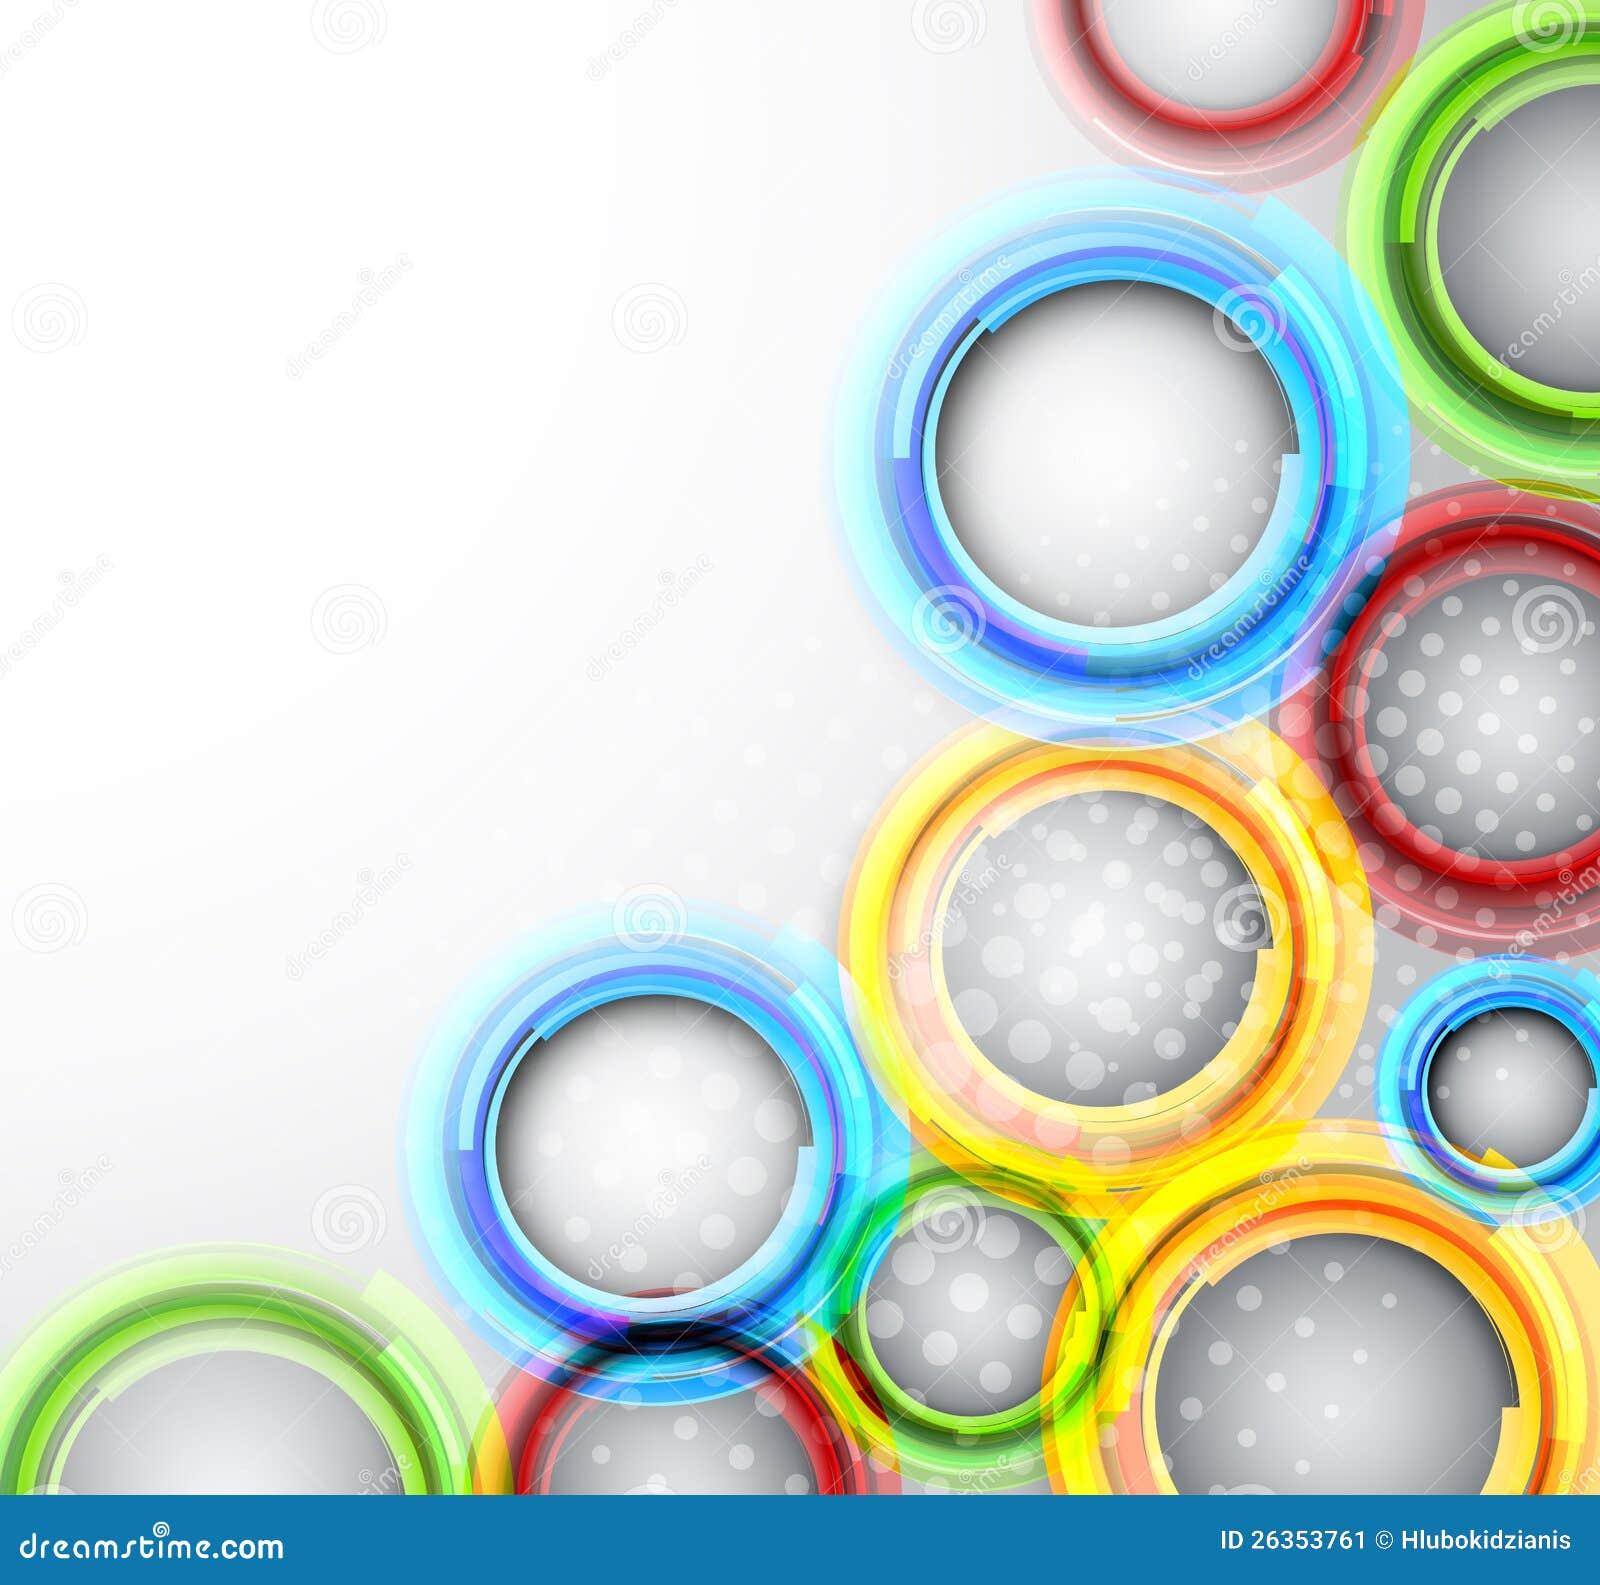 Hintergrund mit bunten Kreisen